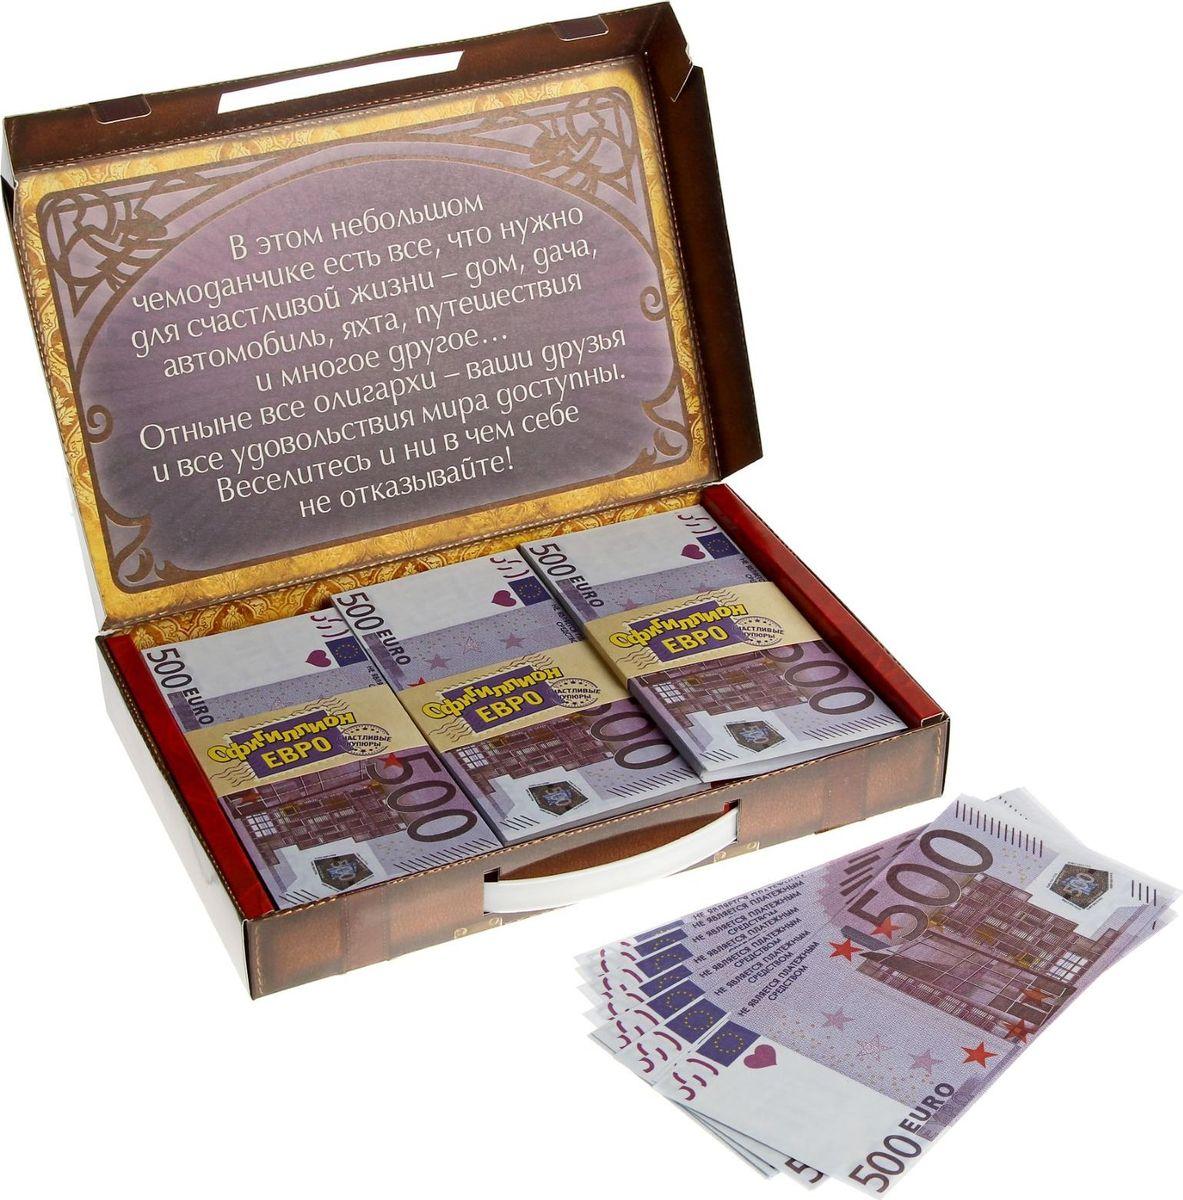 Деньги — самый распространенный подарок на любое торжество. Почему бы не подарить своим близким офигиллион евро?! Тем более, что сделать это очень просто. Внутри чемодана находятся три стопки денежных купюр и написан текст, который можно использовать в качестве поздравления. Необычный яркий дизайн изделия создаст праздничное настроение и подарит море позитивных эмоций! Теперь можно не только пожелать чемодан денег, но и подарить его!